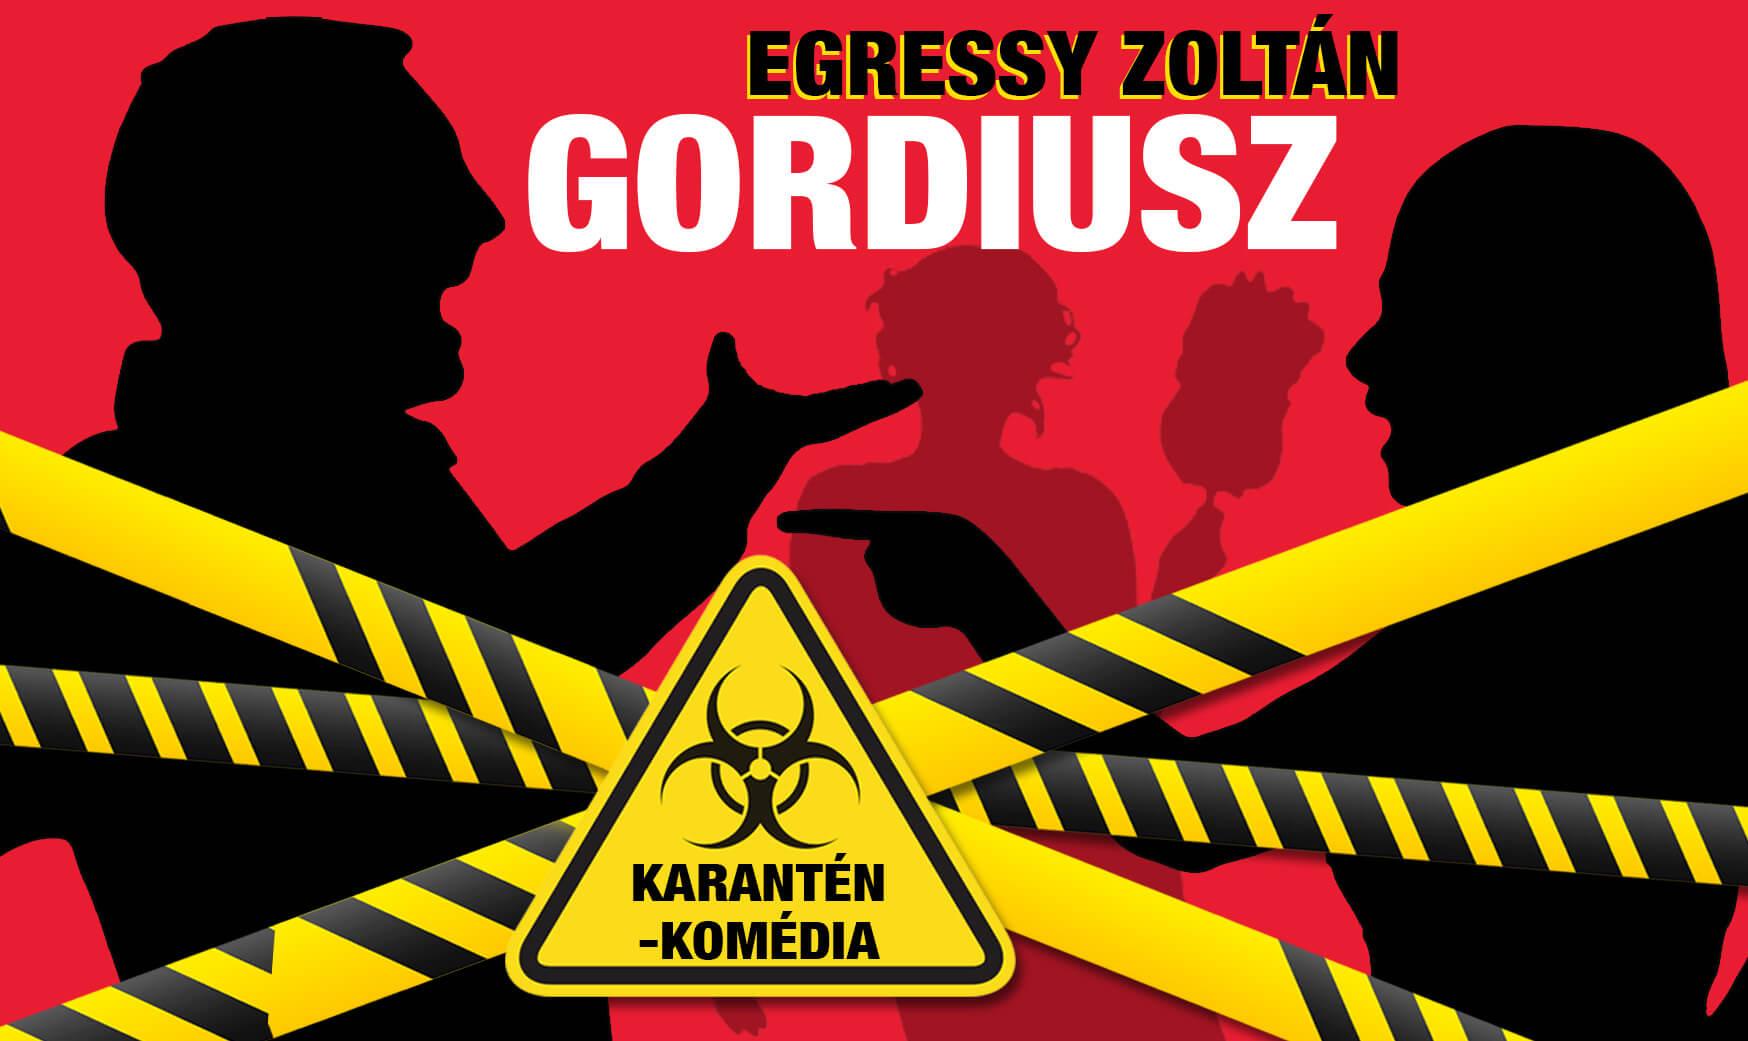 Gordiusz (karanténkomédia)